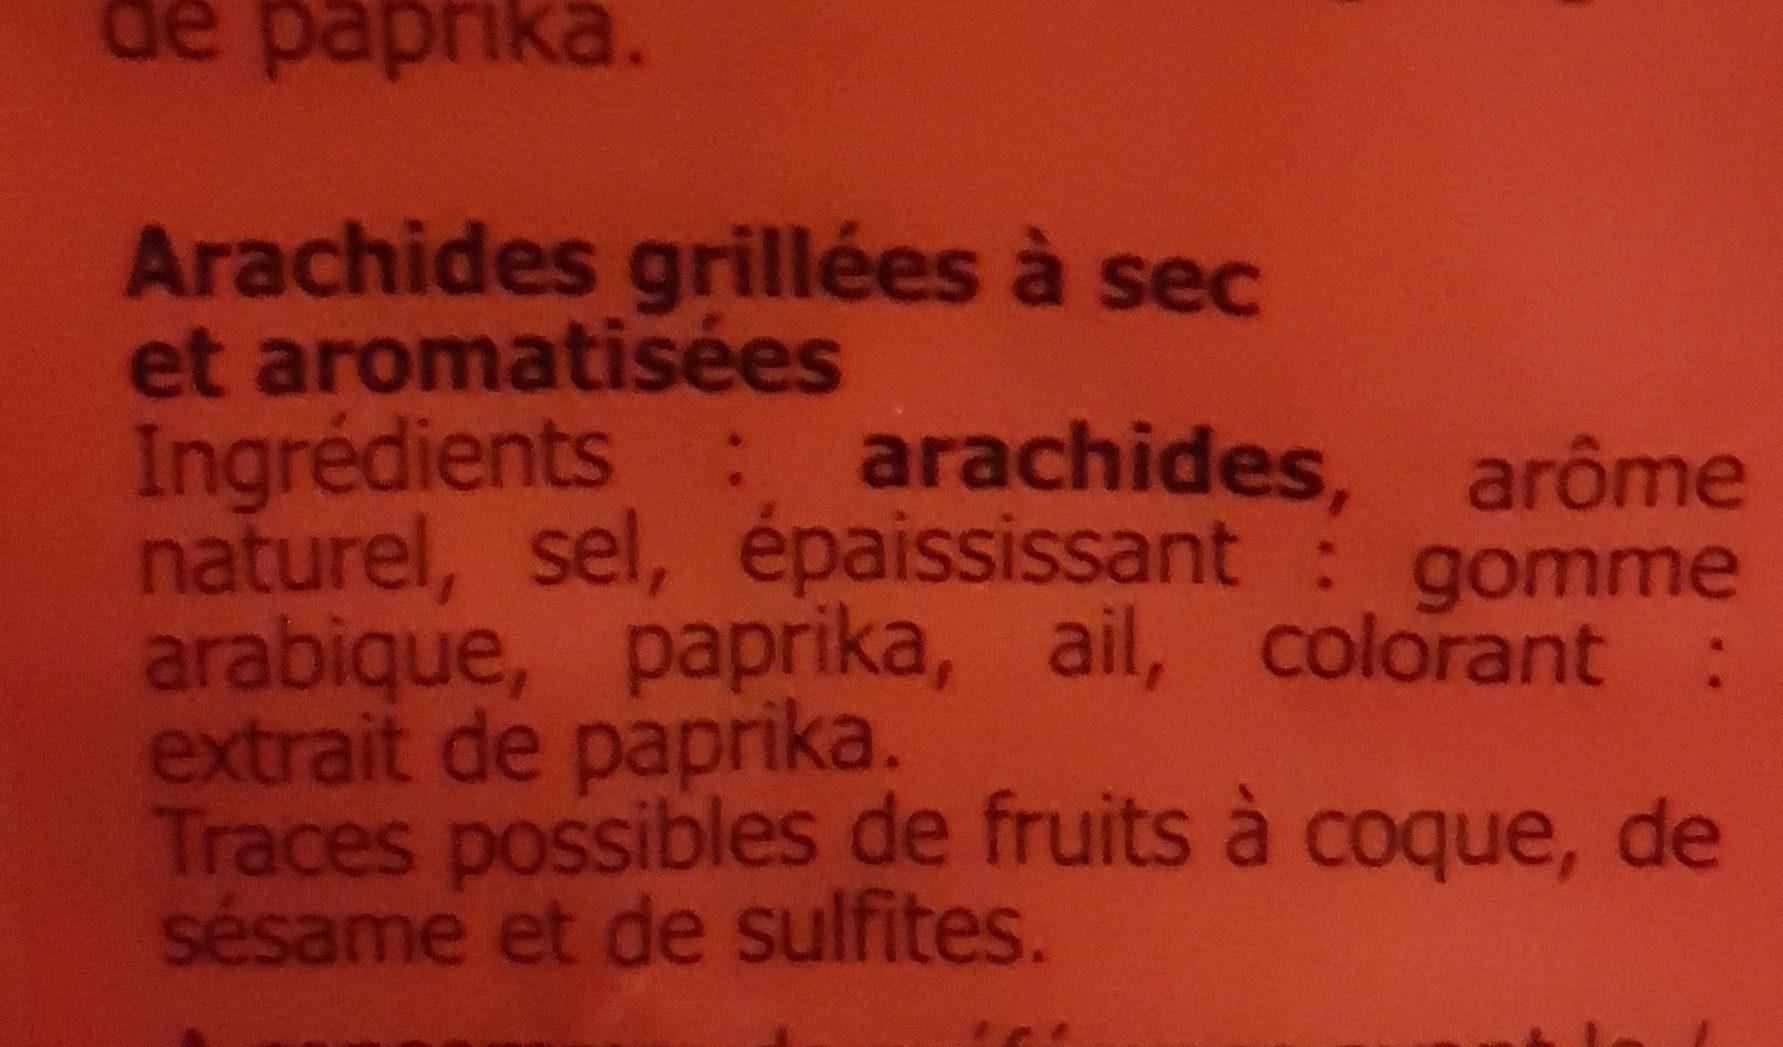 Cacahuètes aromatisées grillées salées - Ingrédients - fr